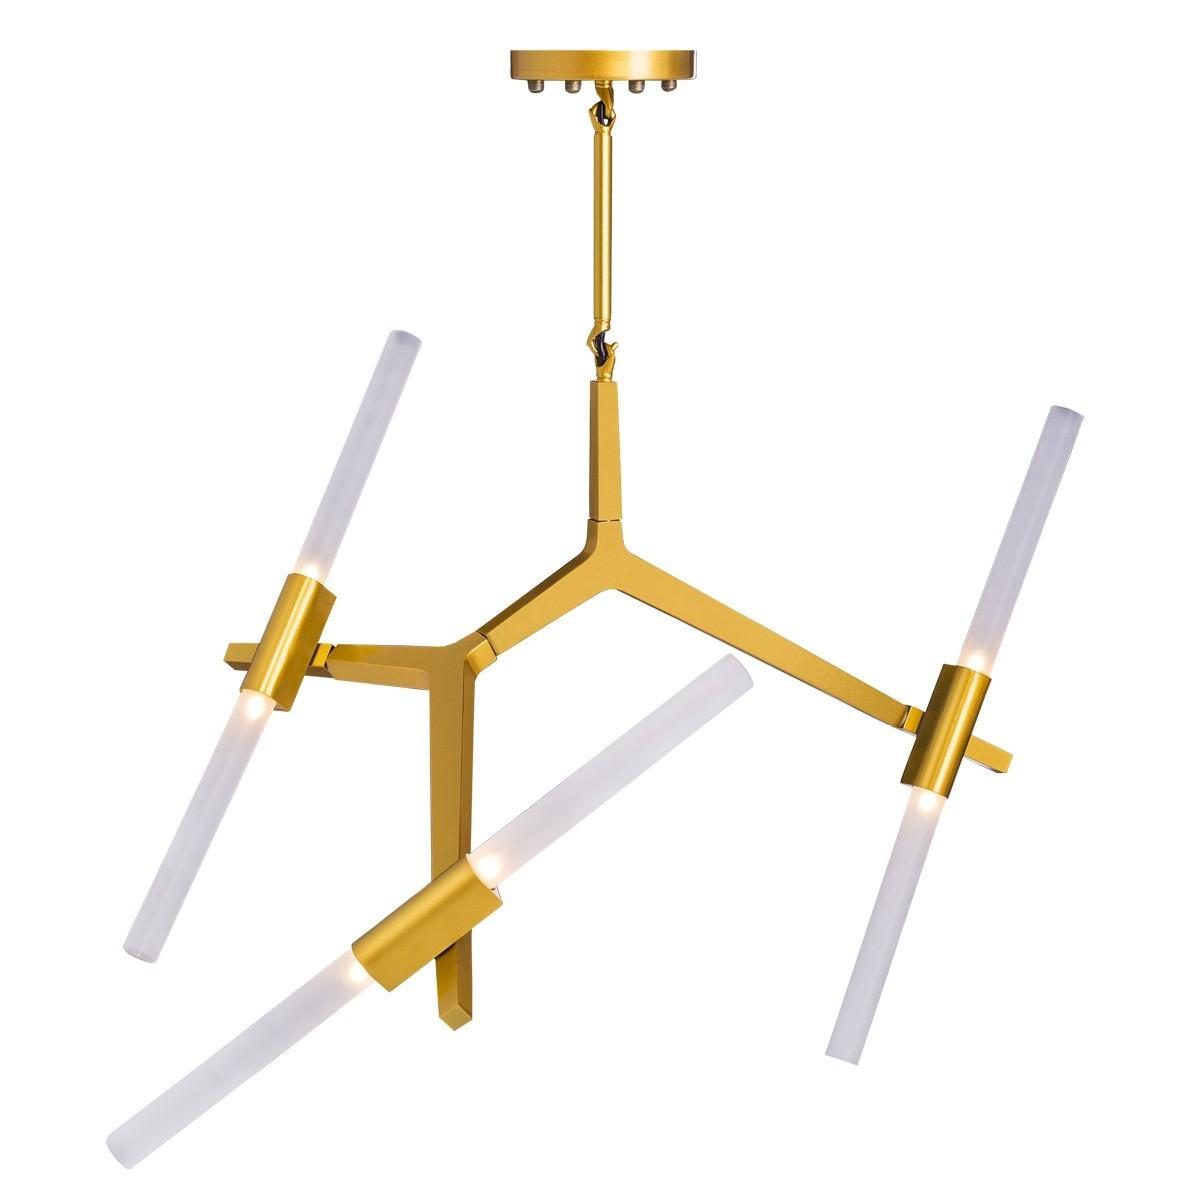 Lampa wisząca STICKS-6 złota ST-1001-6 gold - Step into design Do -17% rabatu w koszyku i darmowa dostawa od 299zł !